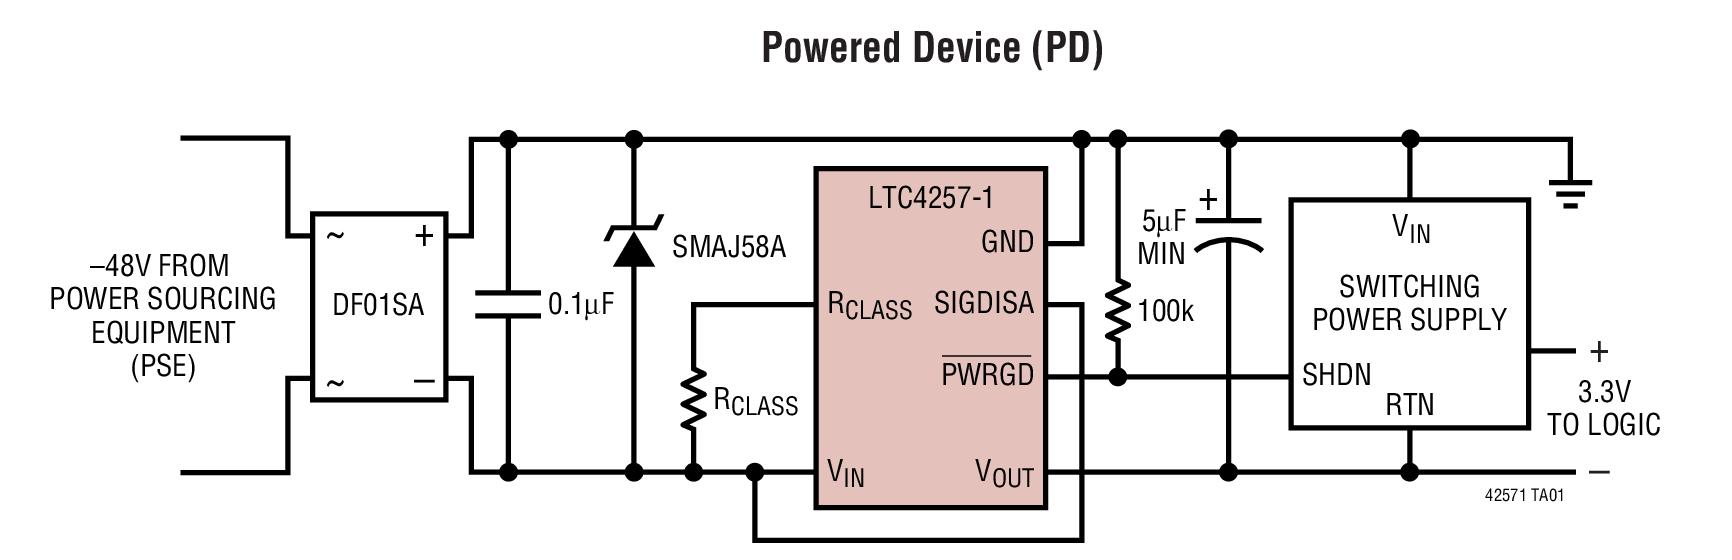 LTC4257-1 具有雙電流限值的IEEE 802.3af PD 以太網供電接口控制器